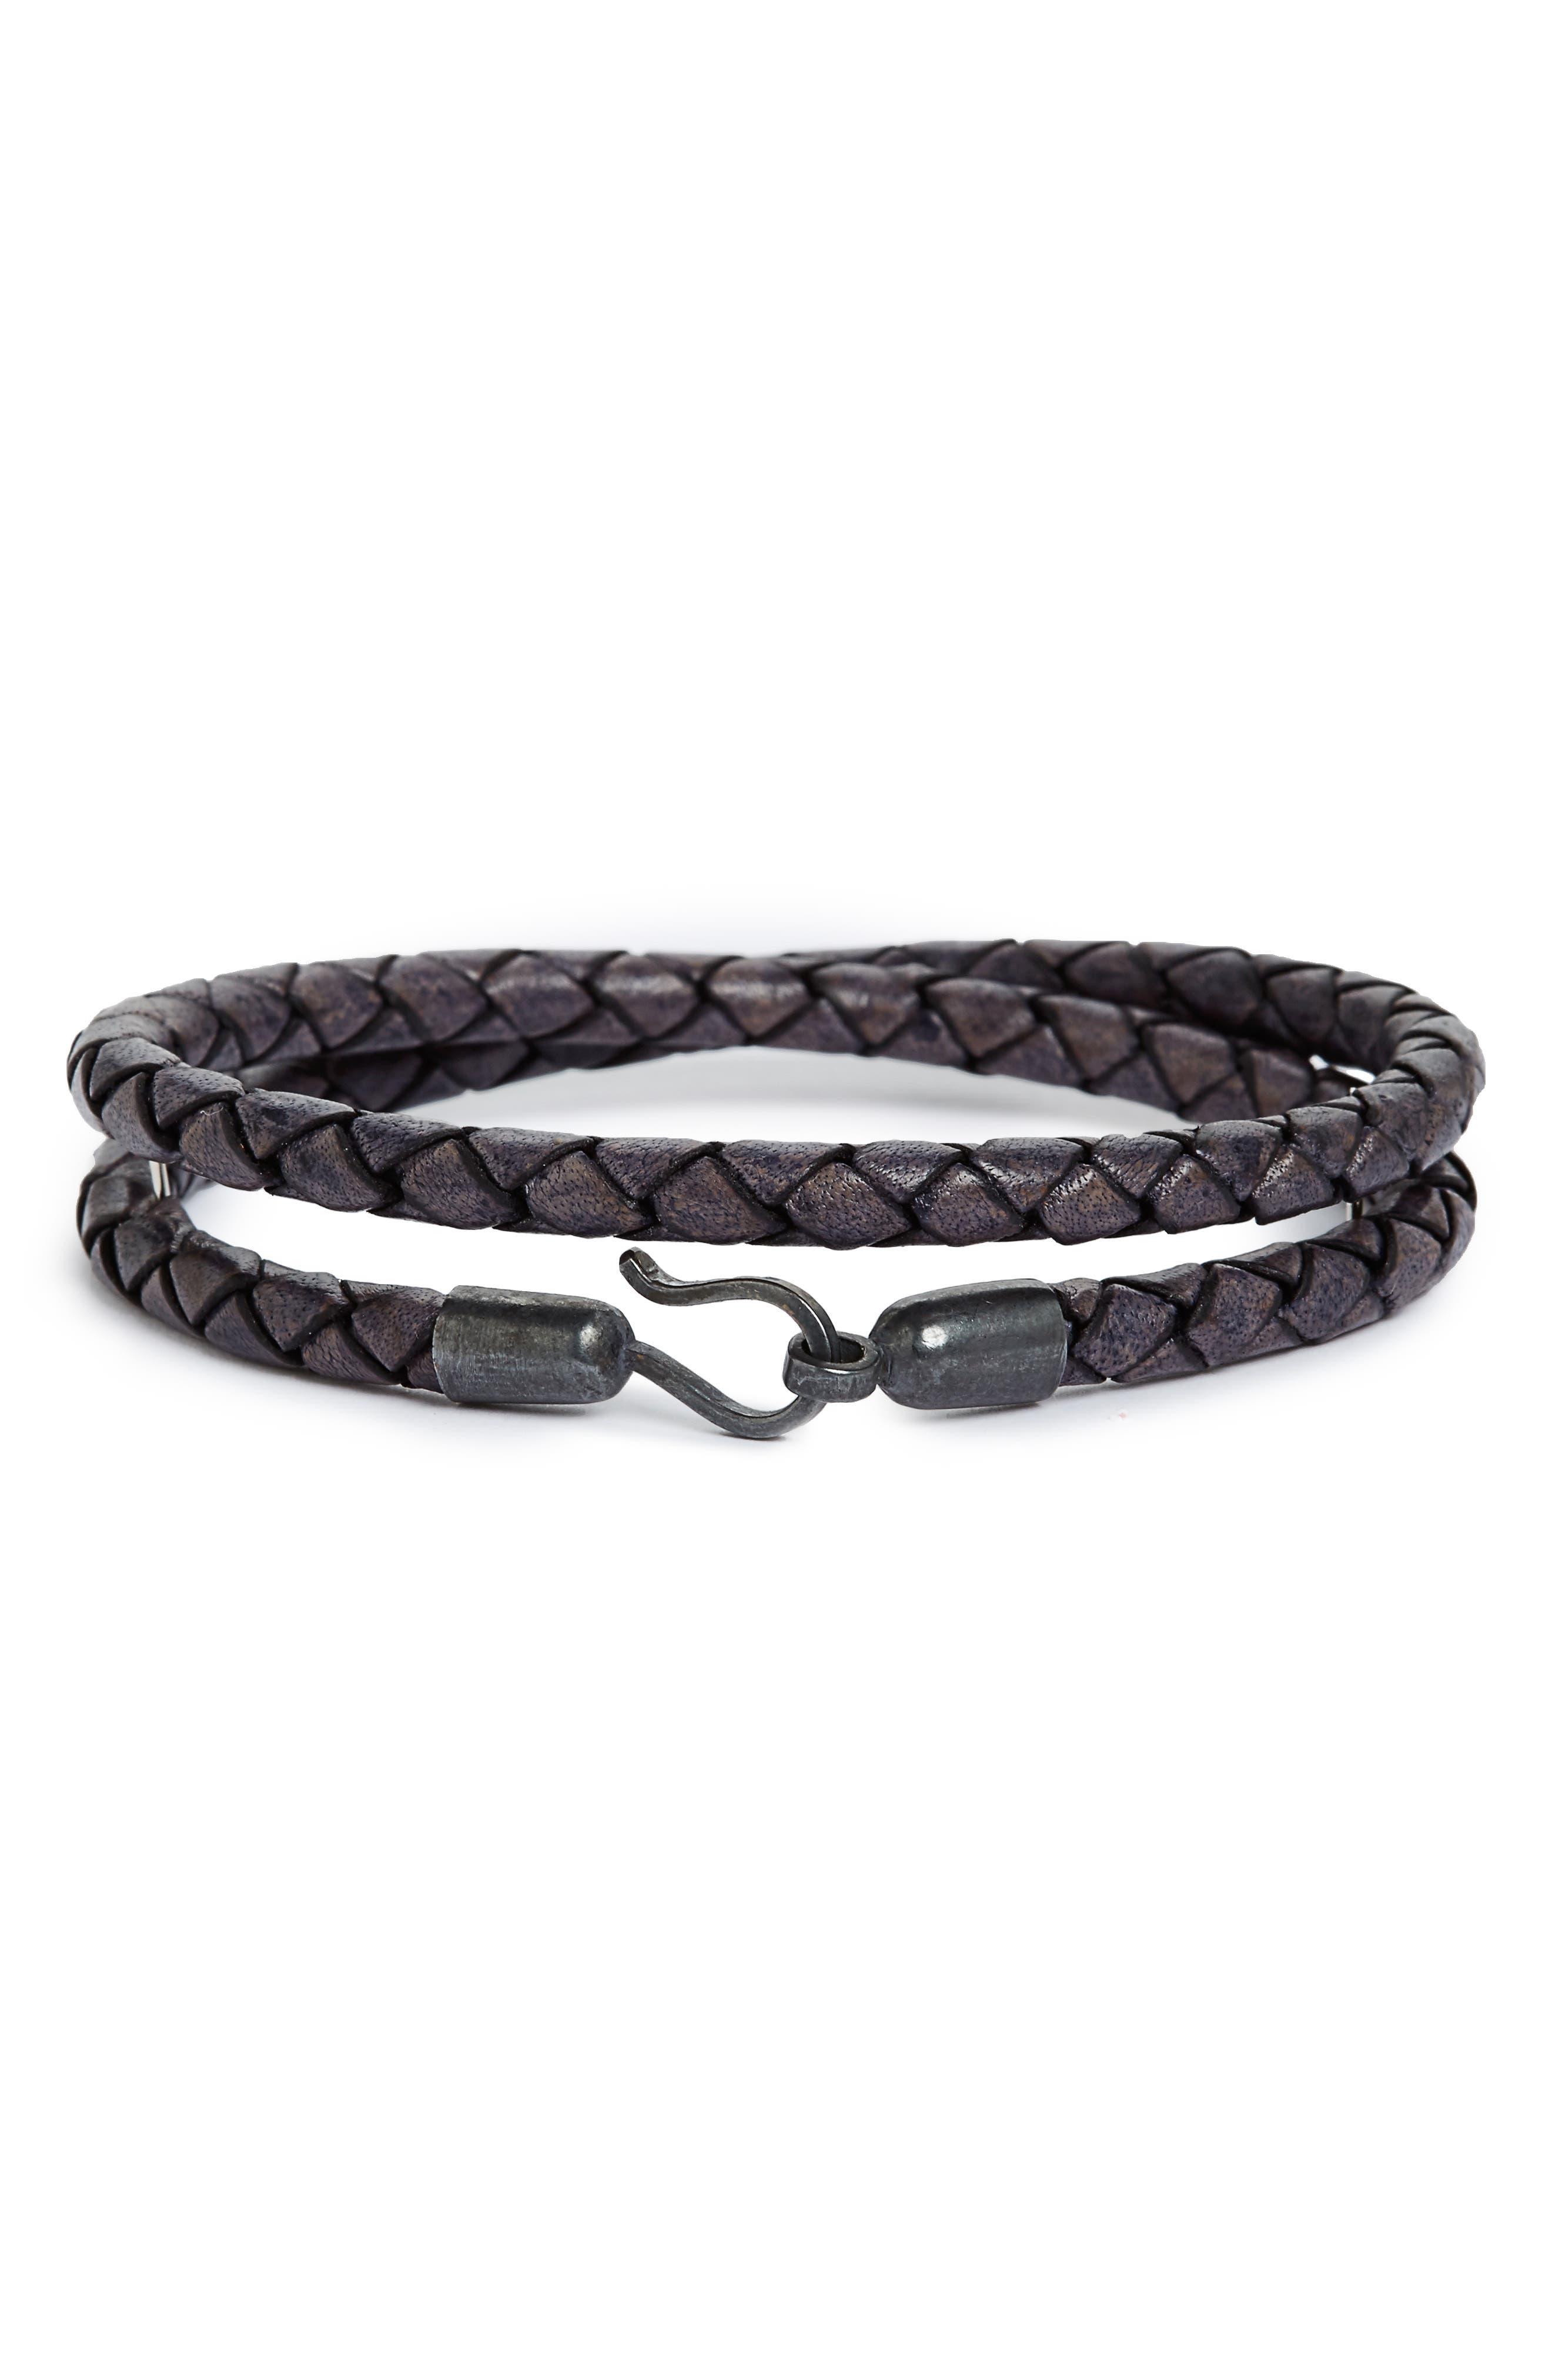 Main Image - Caputo & Co. Braided Leather Double Wrap Bracelet